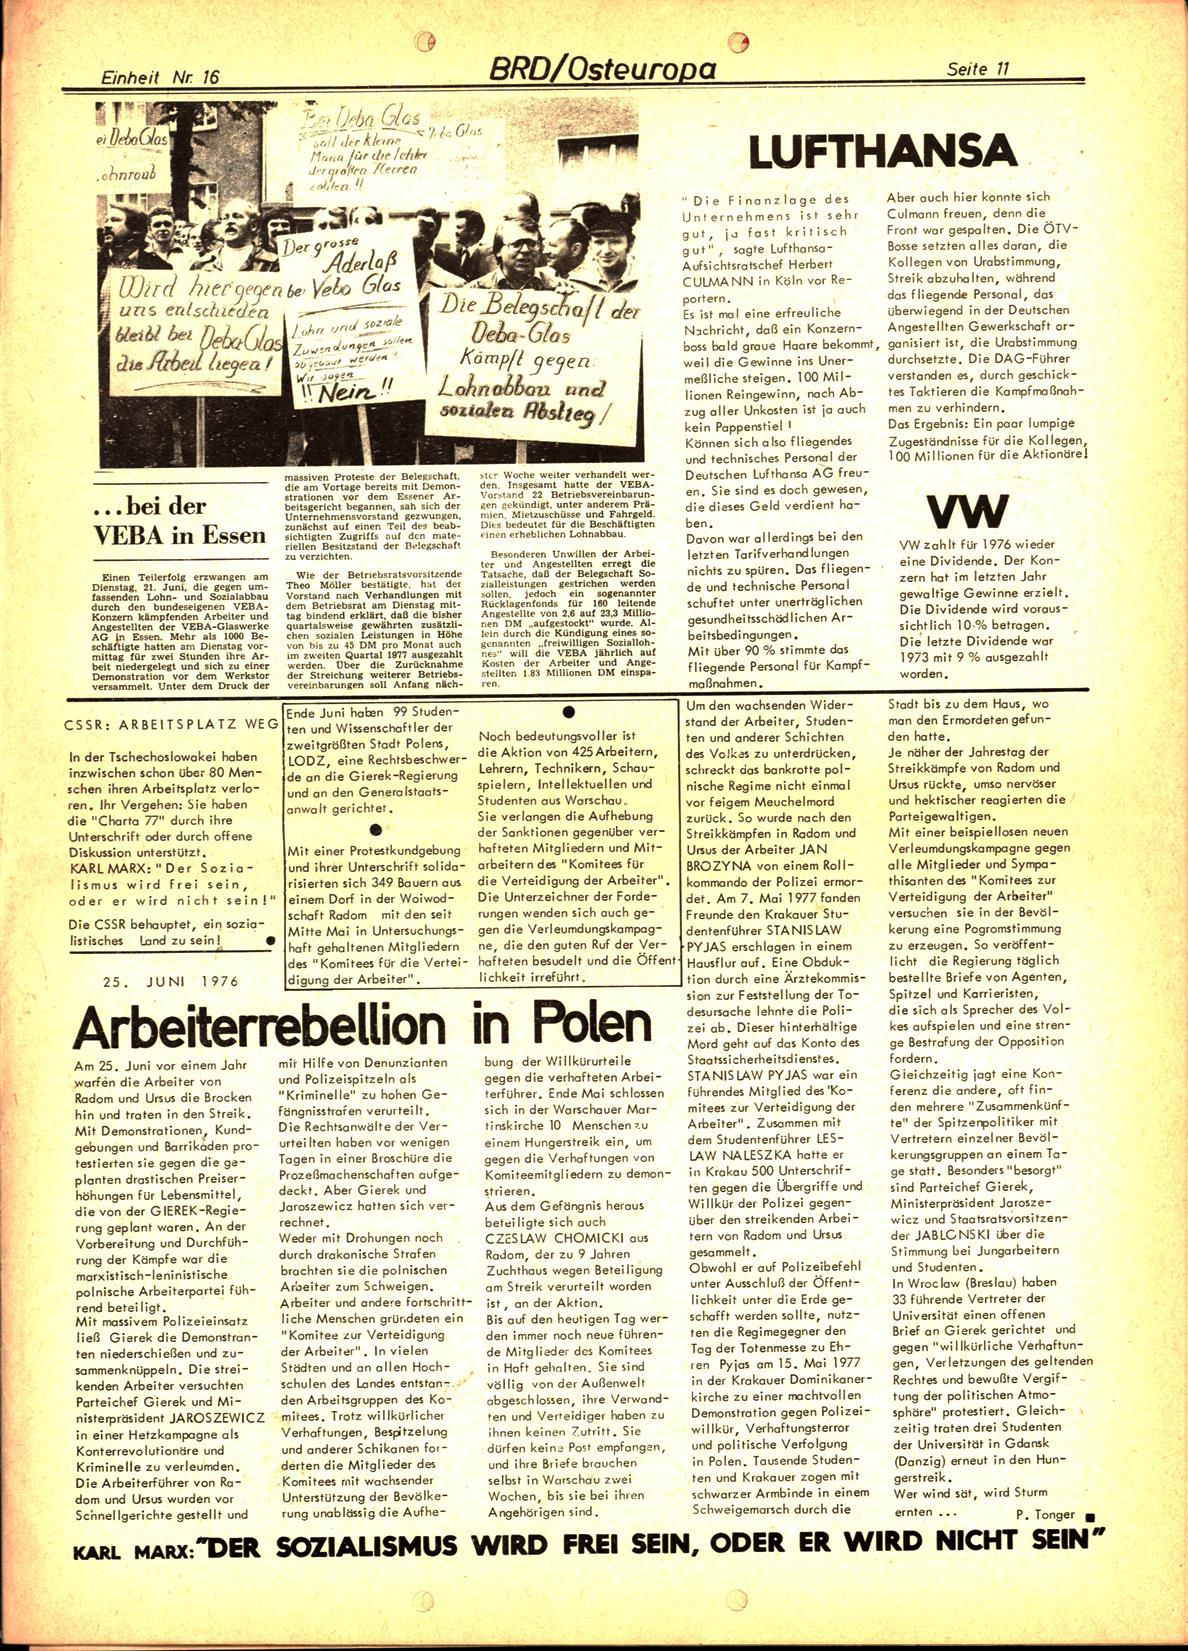 Koeln_IPdA_Einheit_1977_016_011